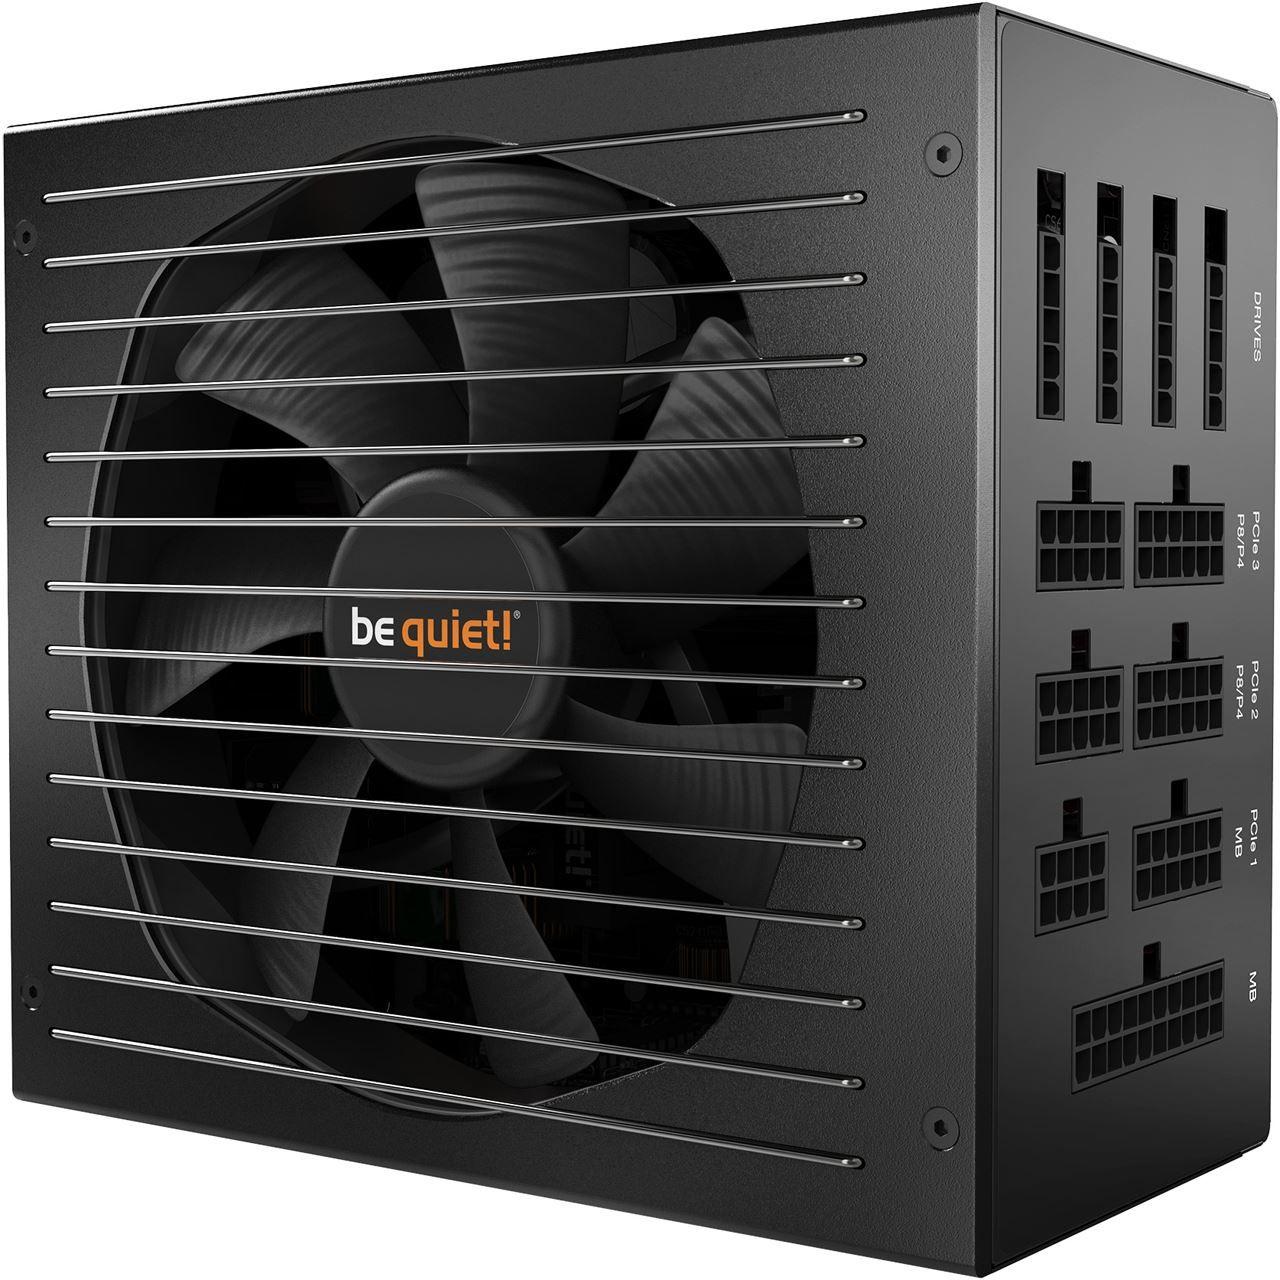 DamnDeal 850 Watt be quiet! Straight Power 11 Modular 80+ Gold Netzteil